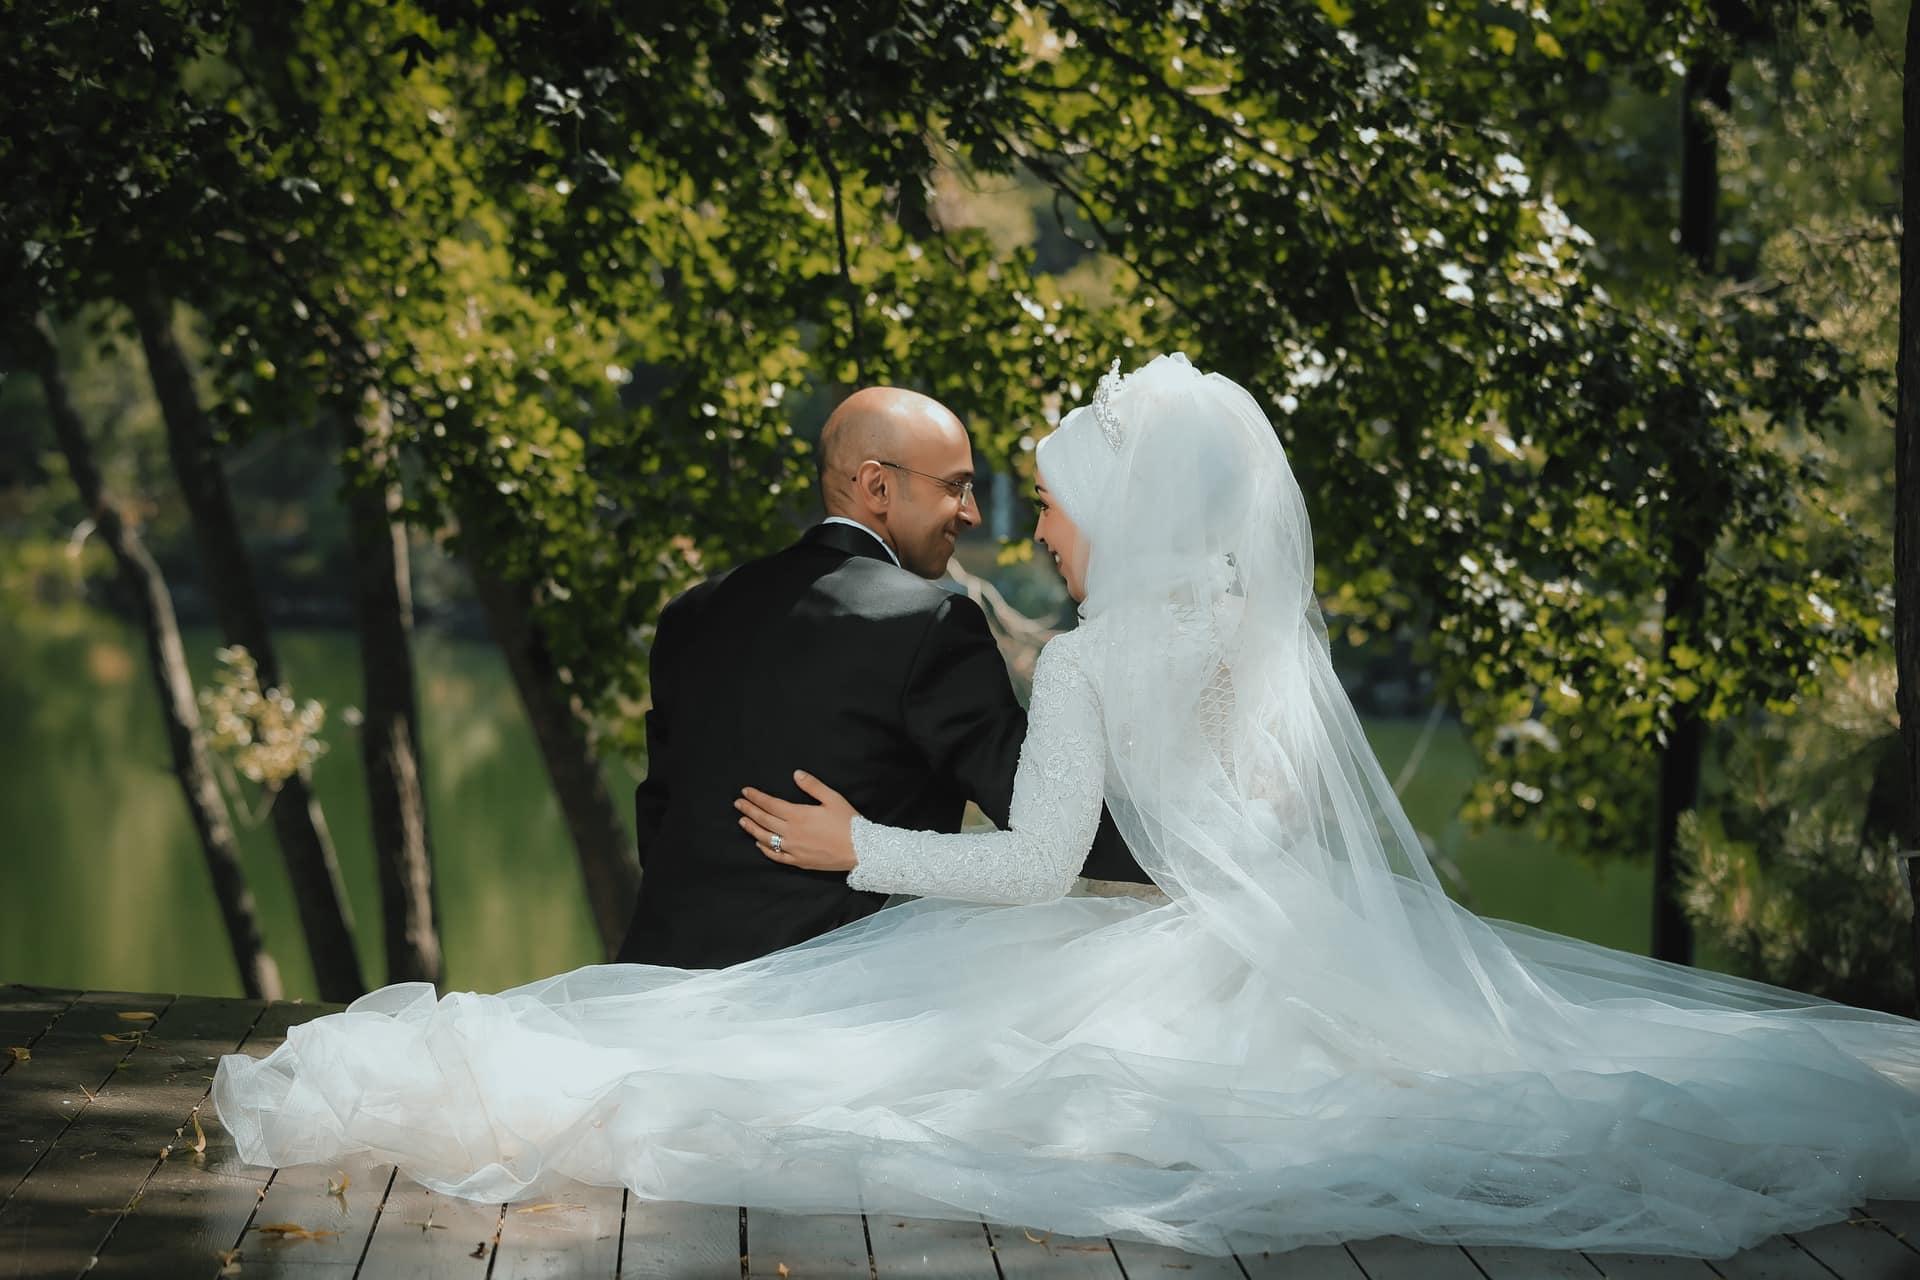 Супруги не успели узнать индивидуальные предпочтения друг друга до свадьбы